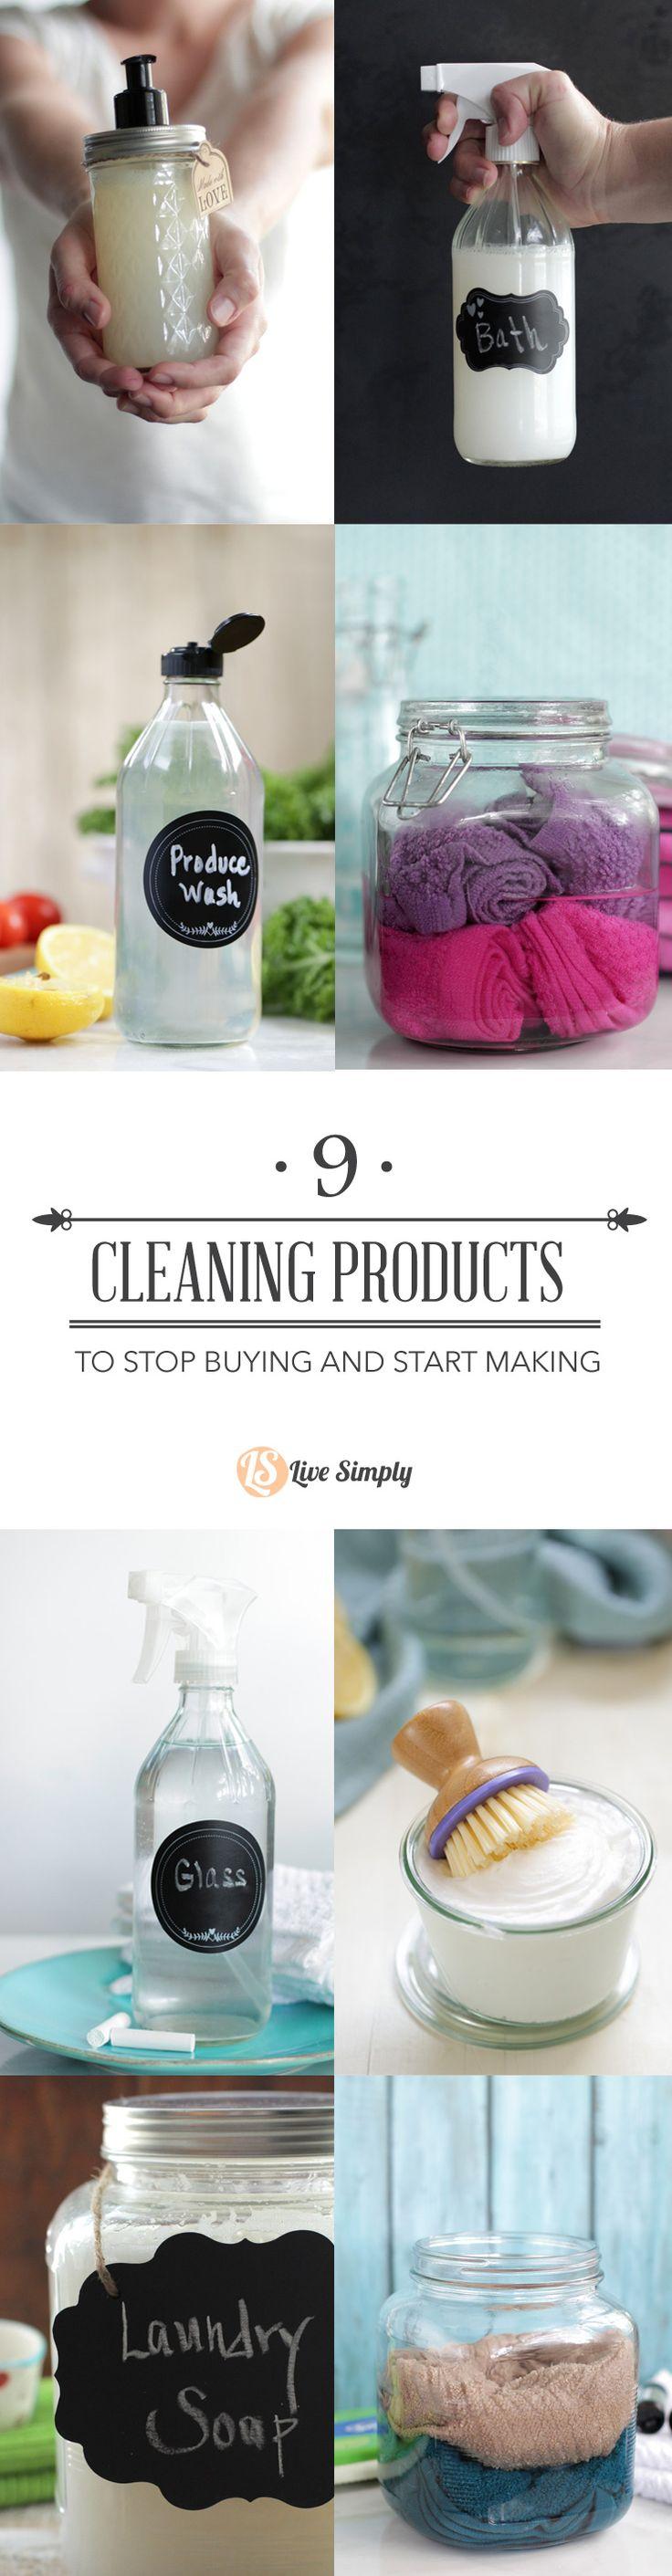 10 Homemade Cleaner Tips